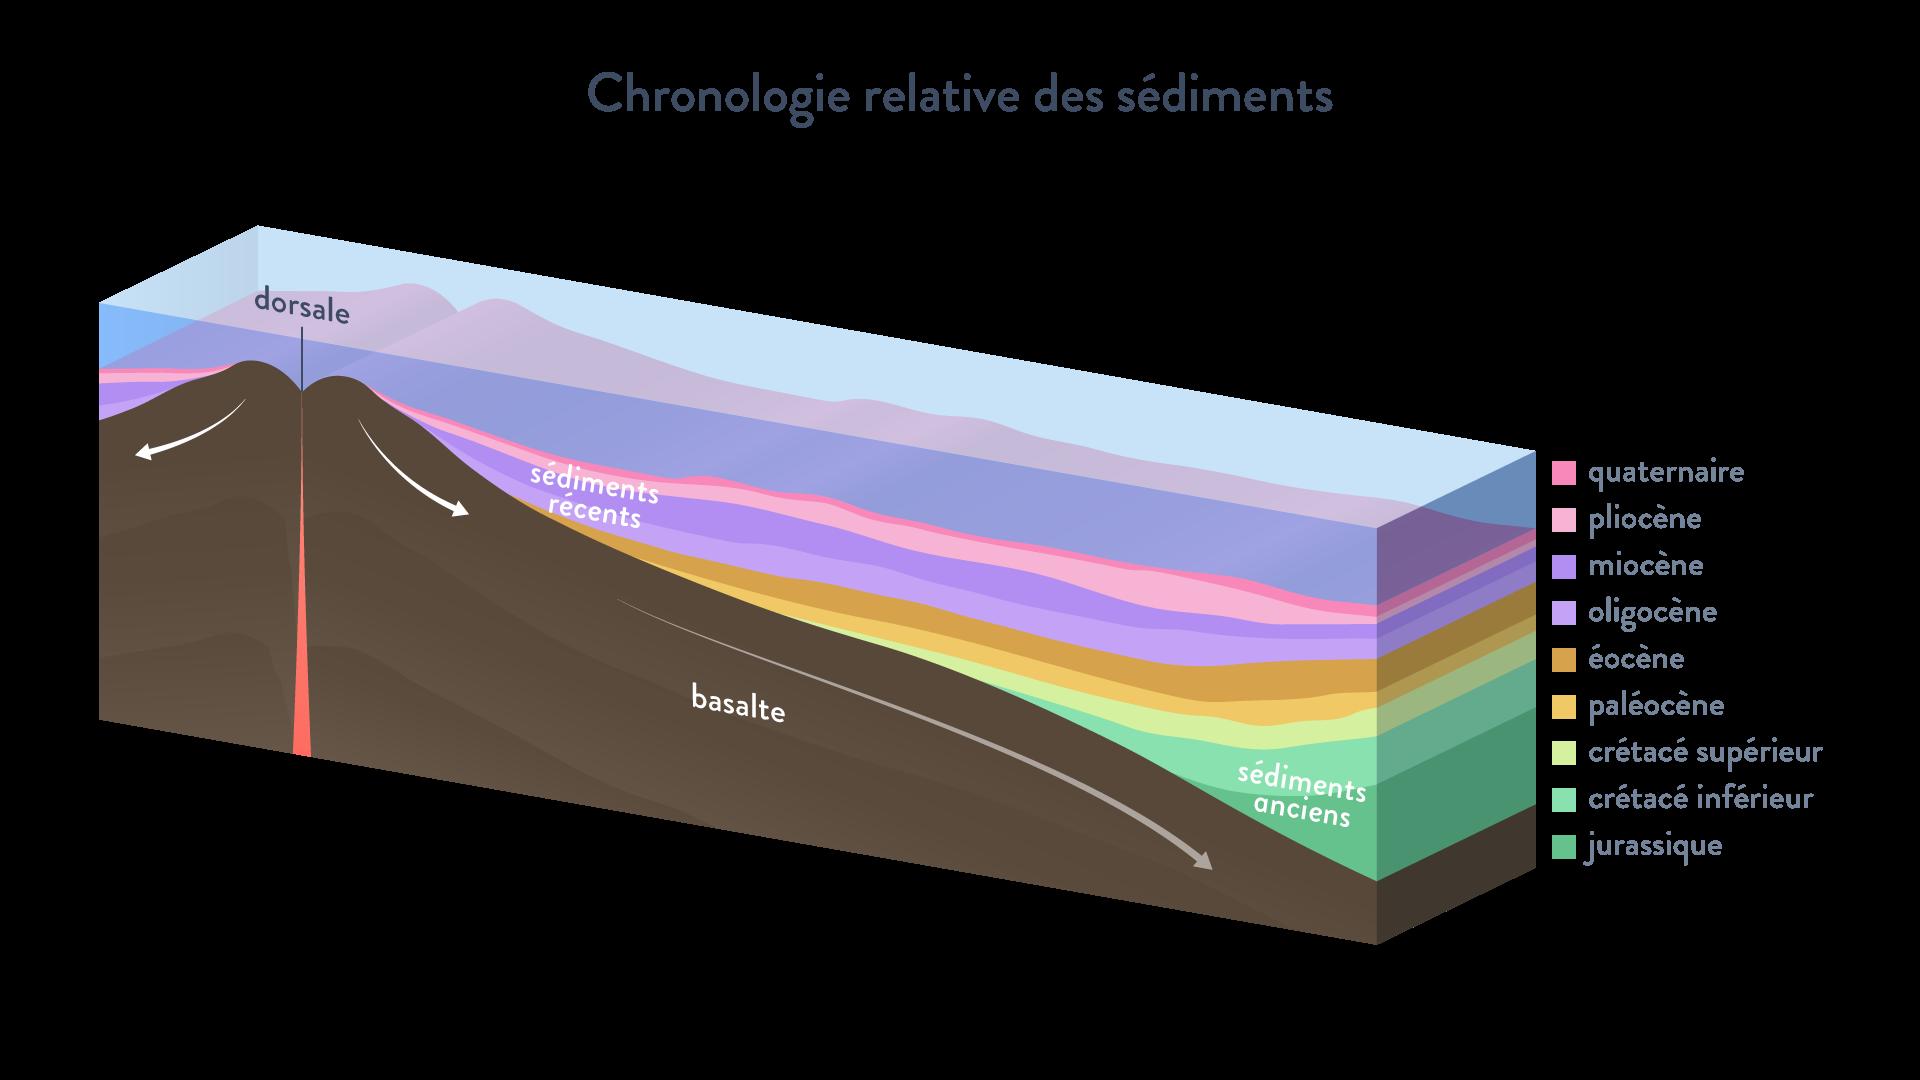 chronologie relative des sédiments  carottage couche basaltique dorsale svt première